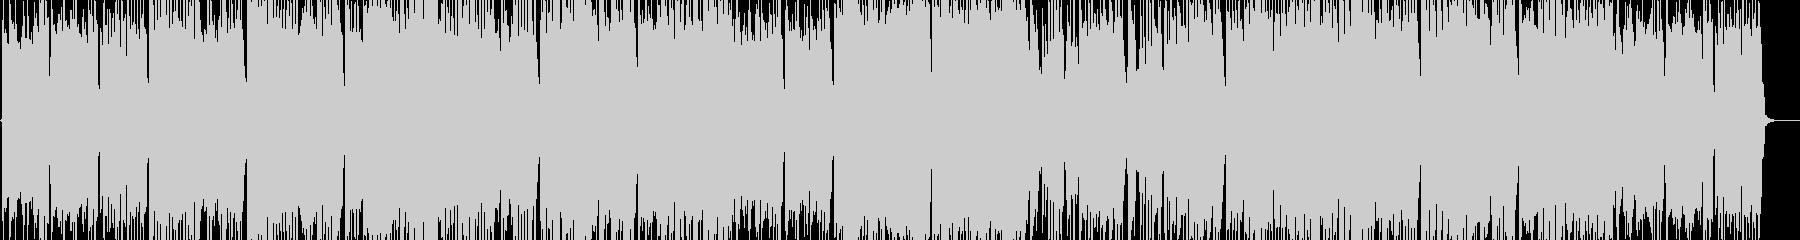 ロックな「いとまきのうた」(童謡カバー)の未再生の波形